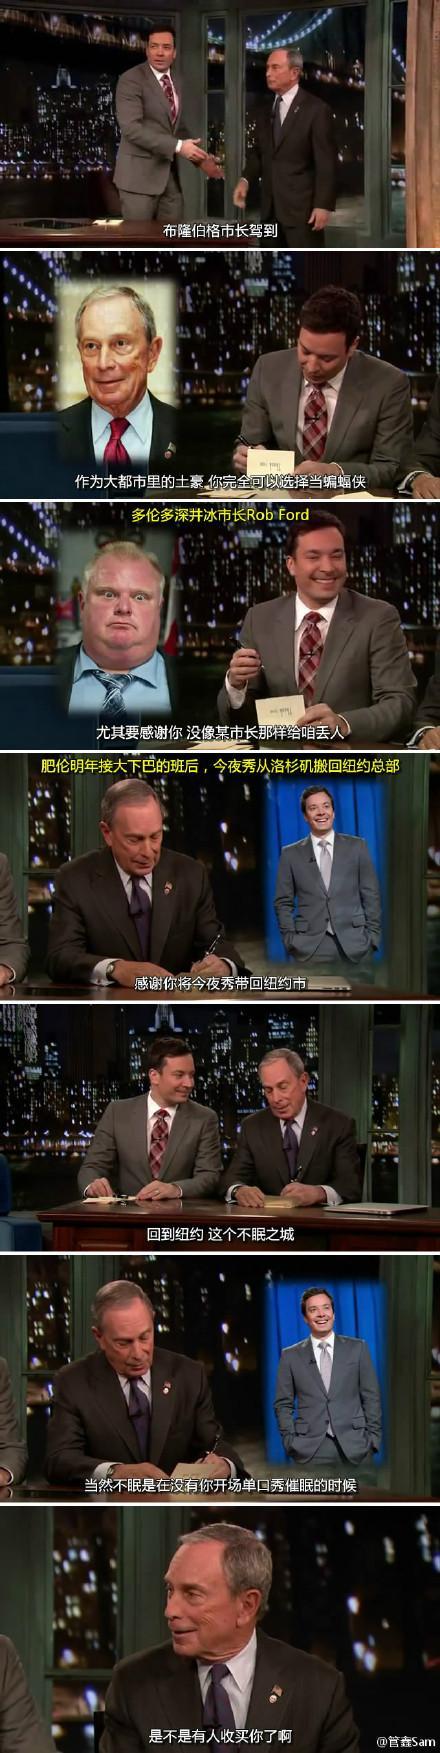 吉米肥伦秀【进击的纽约市长】